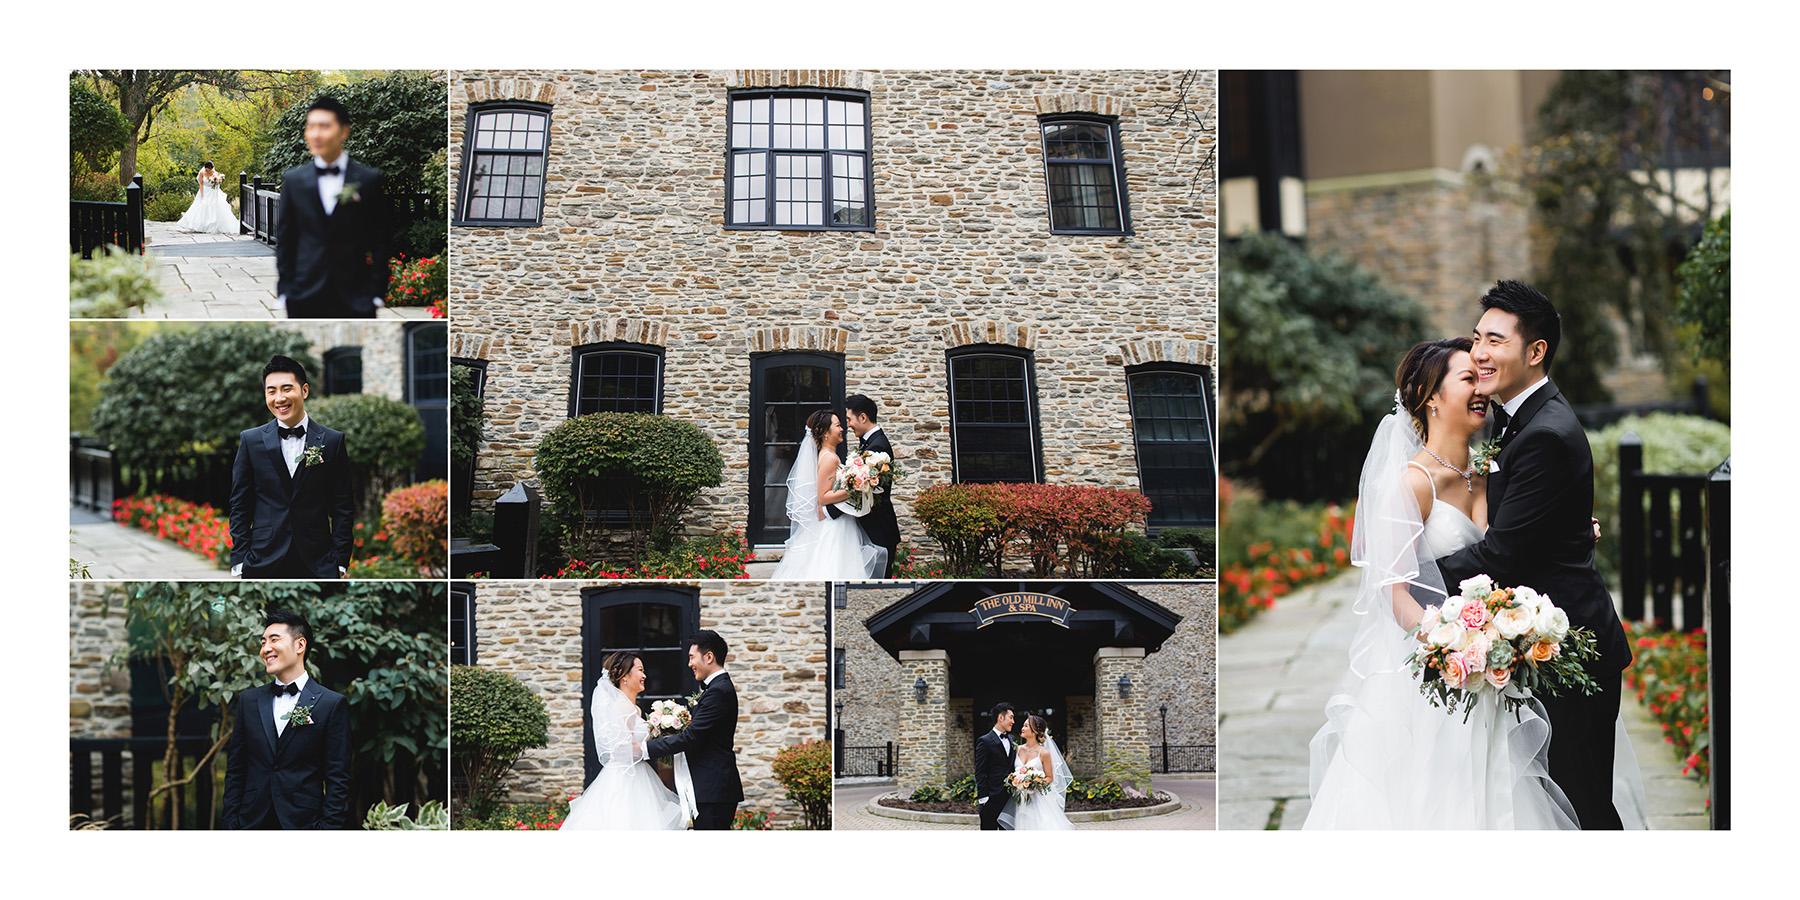 Tiffany_+_Matthew_-_Wedding_Album_07.jpg